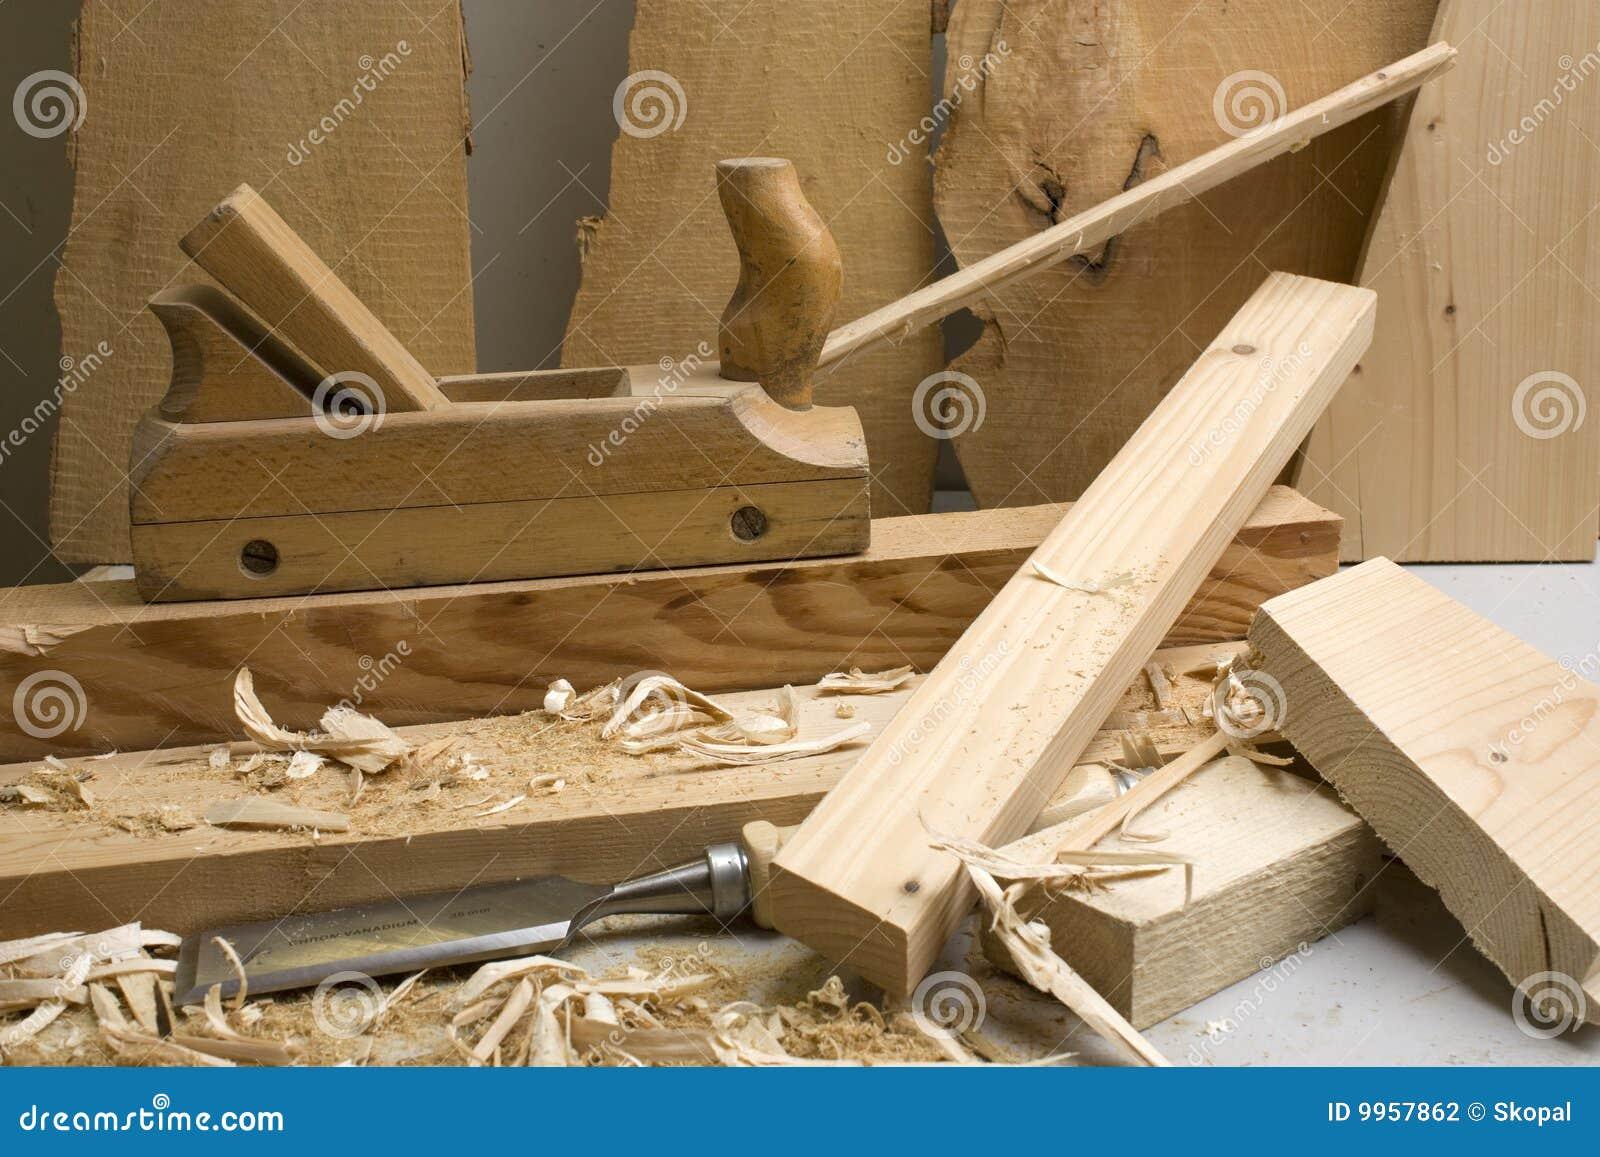 atelier de menuiserie avec les outils en bois photo stock image du charpentier timber 9957862. Black Bedroom Furniture Sets. Home Design Ideas